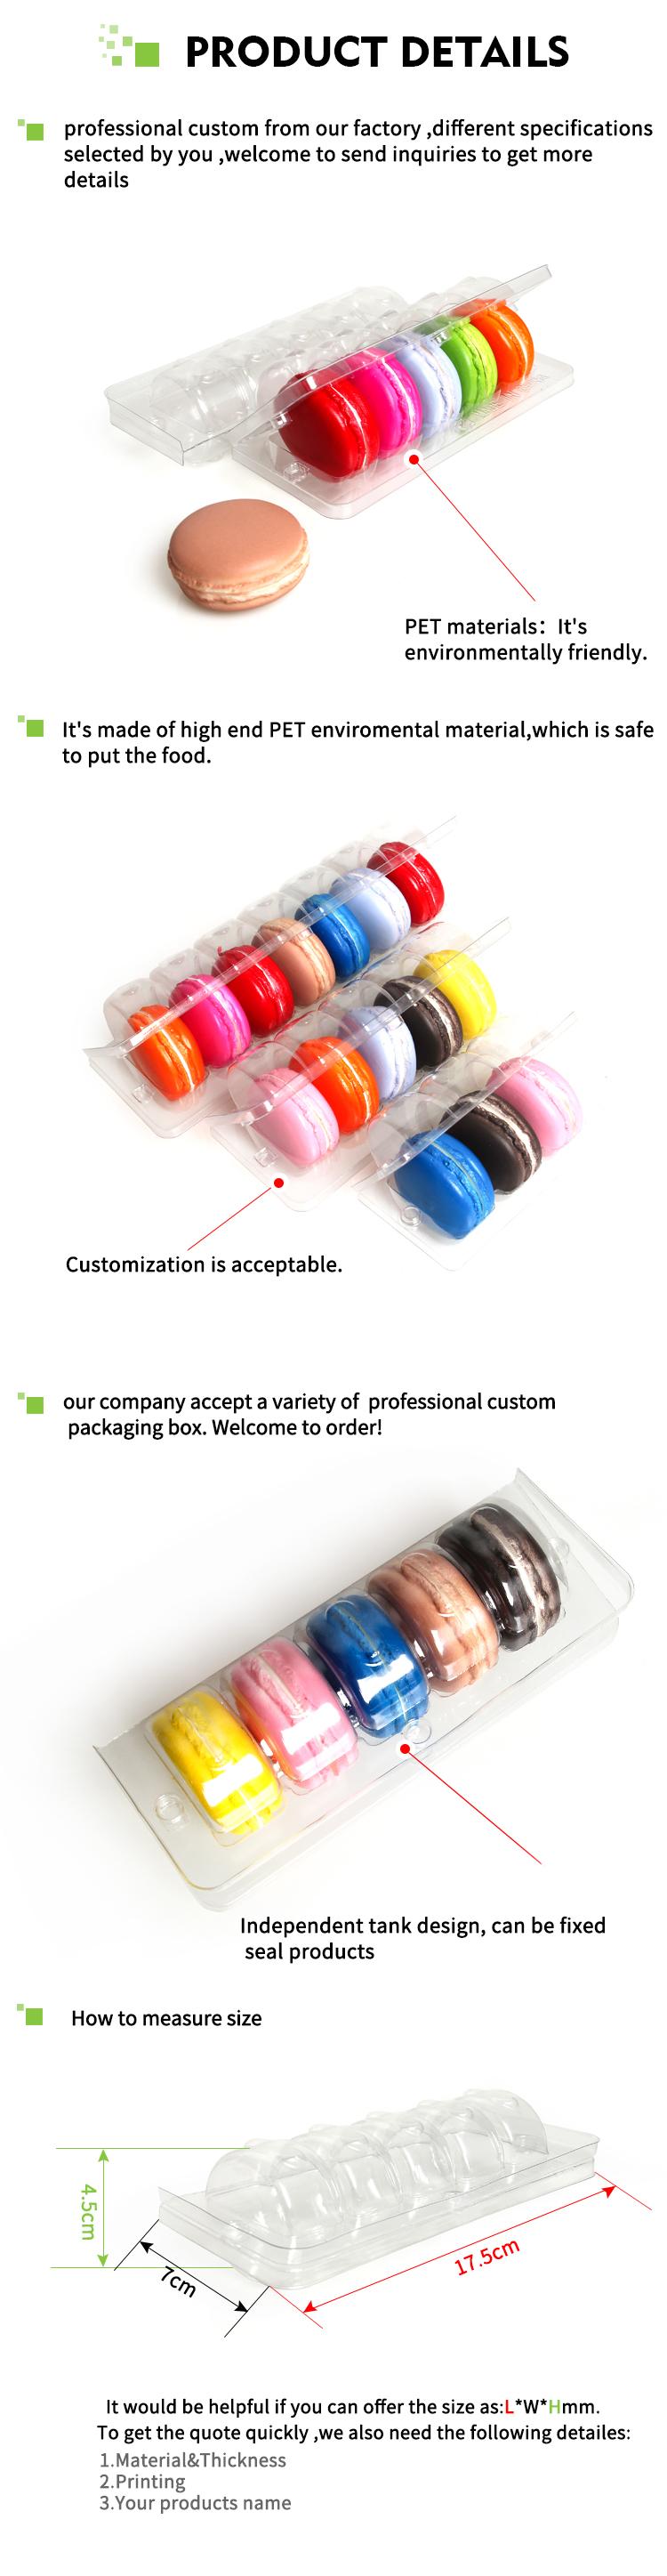 Shenzhen Xin Hong Yang Packaging Products Co.